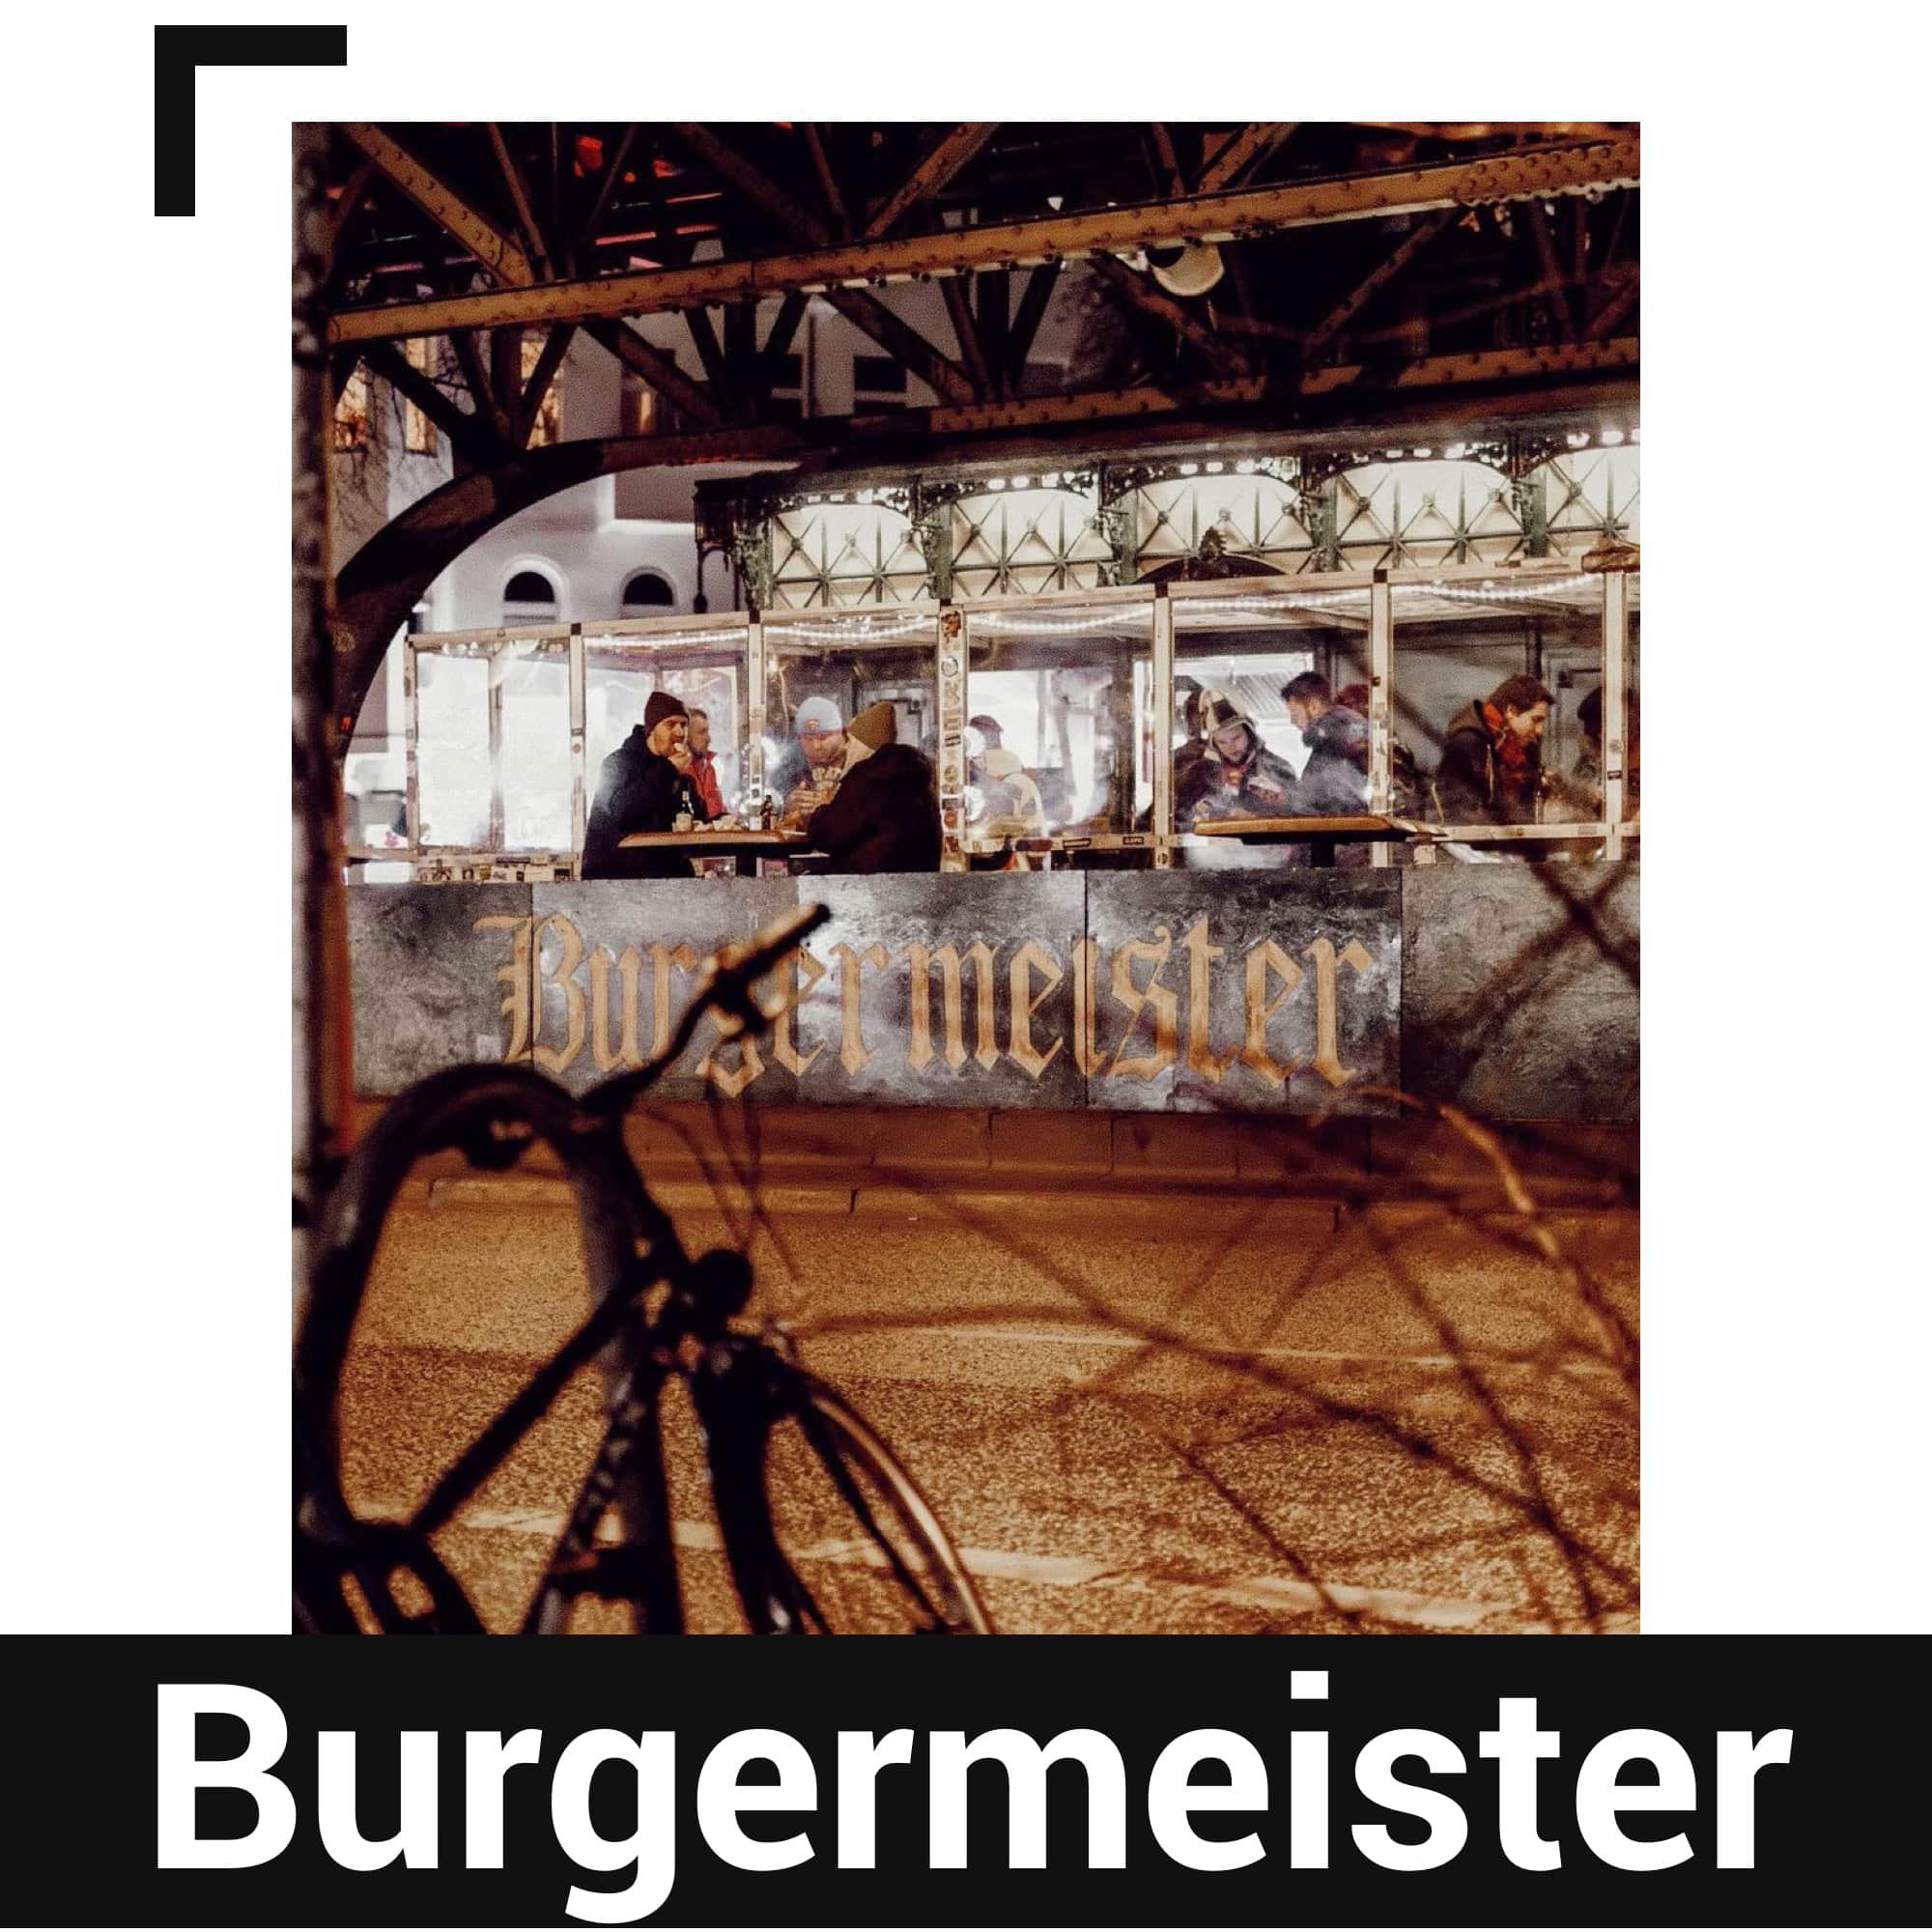 Burgermeister in Berlin